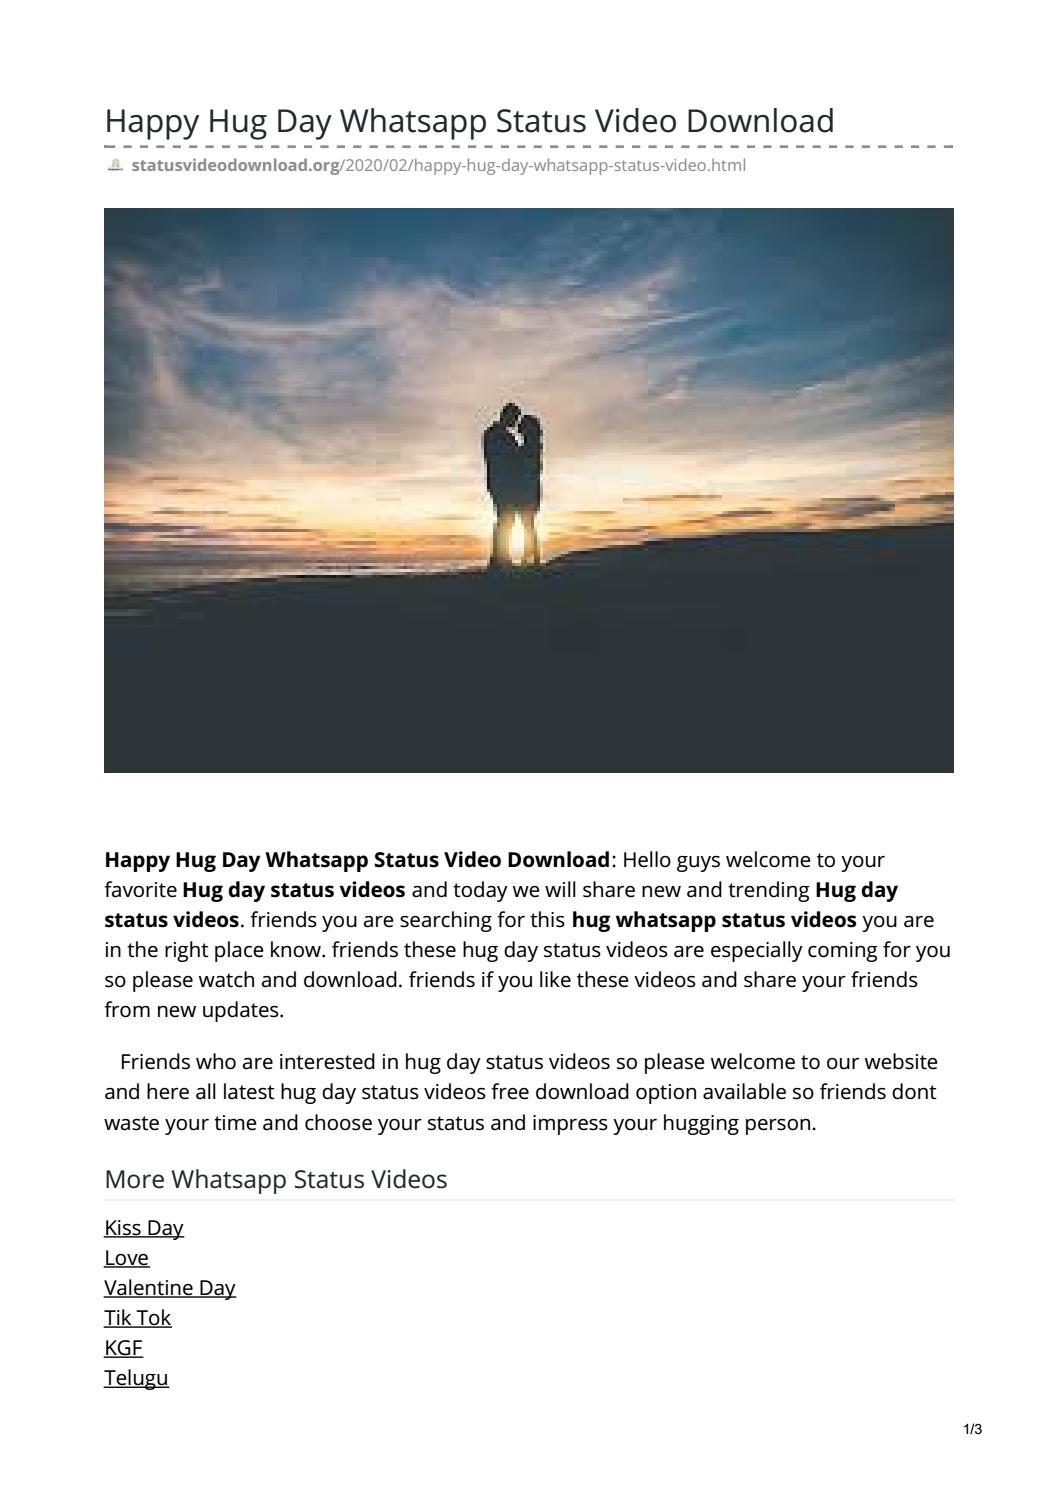 Happy Hug Day Whatsapp Status Video Download by rameshiraboina123 - issuu